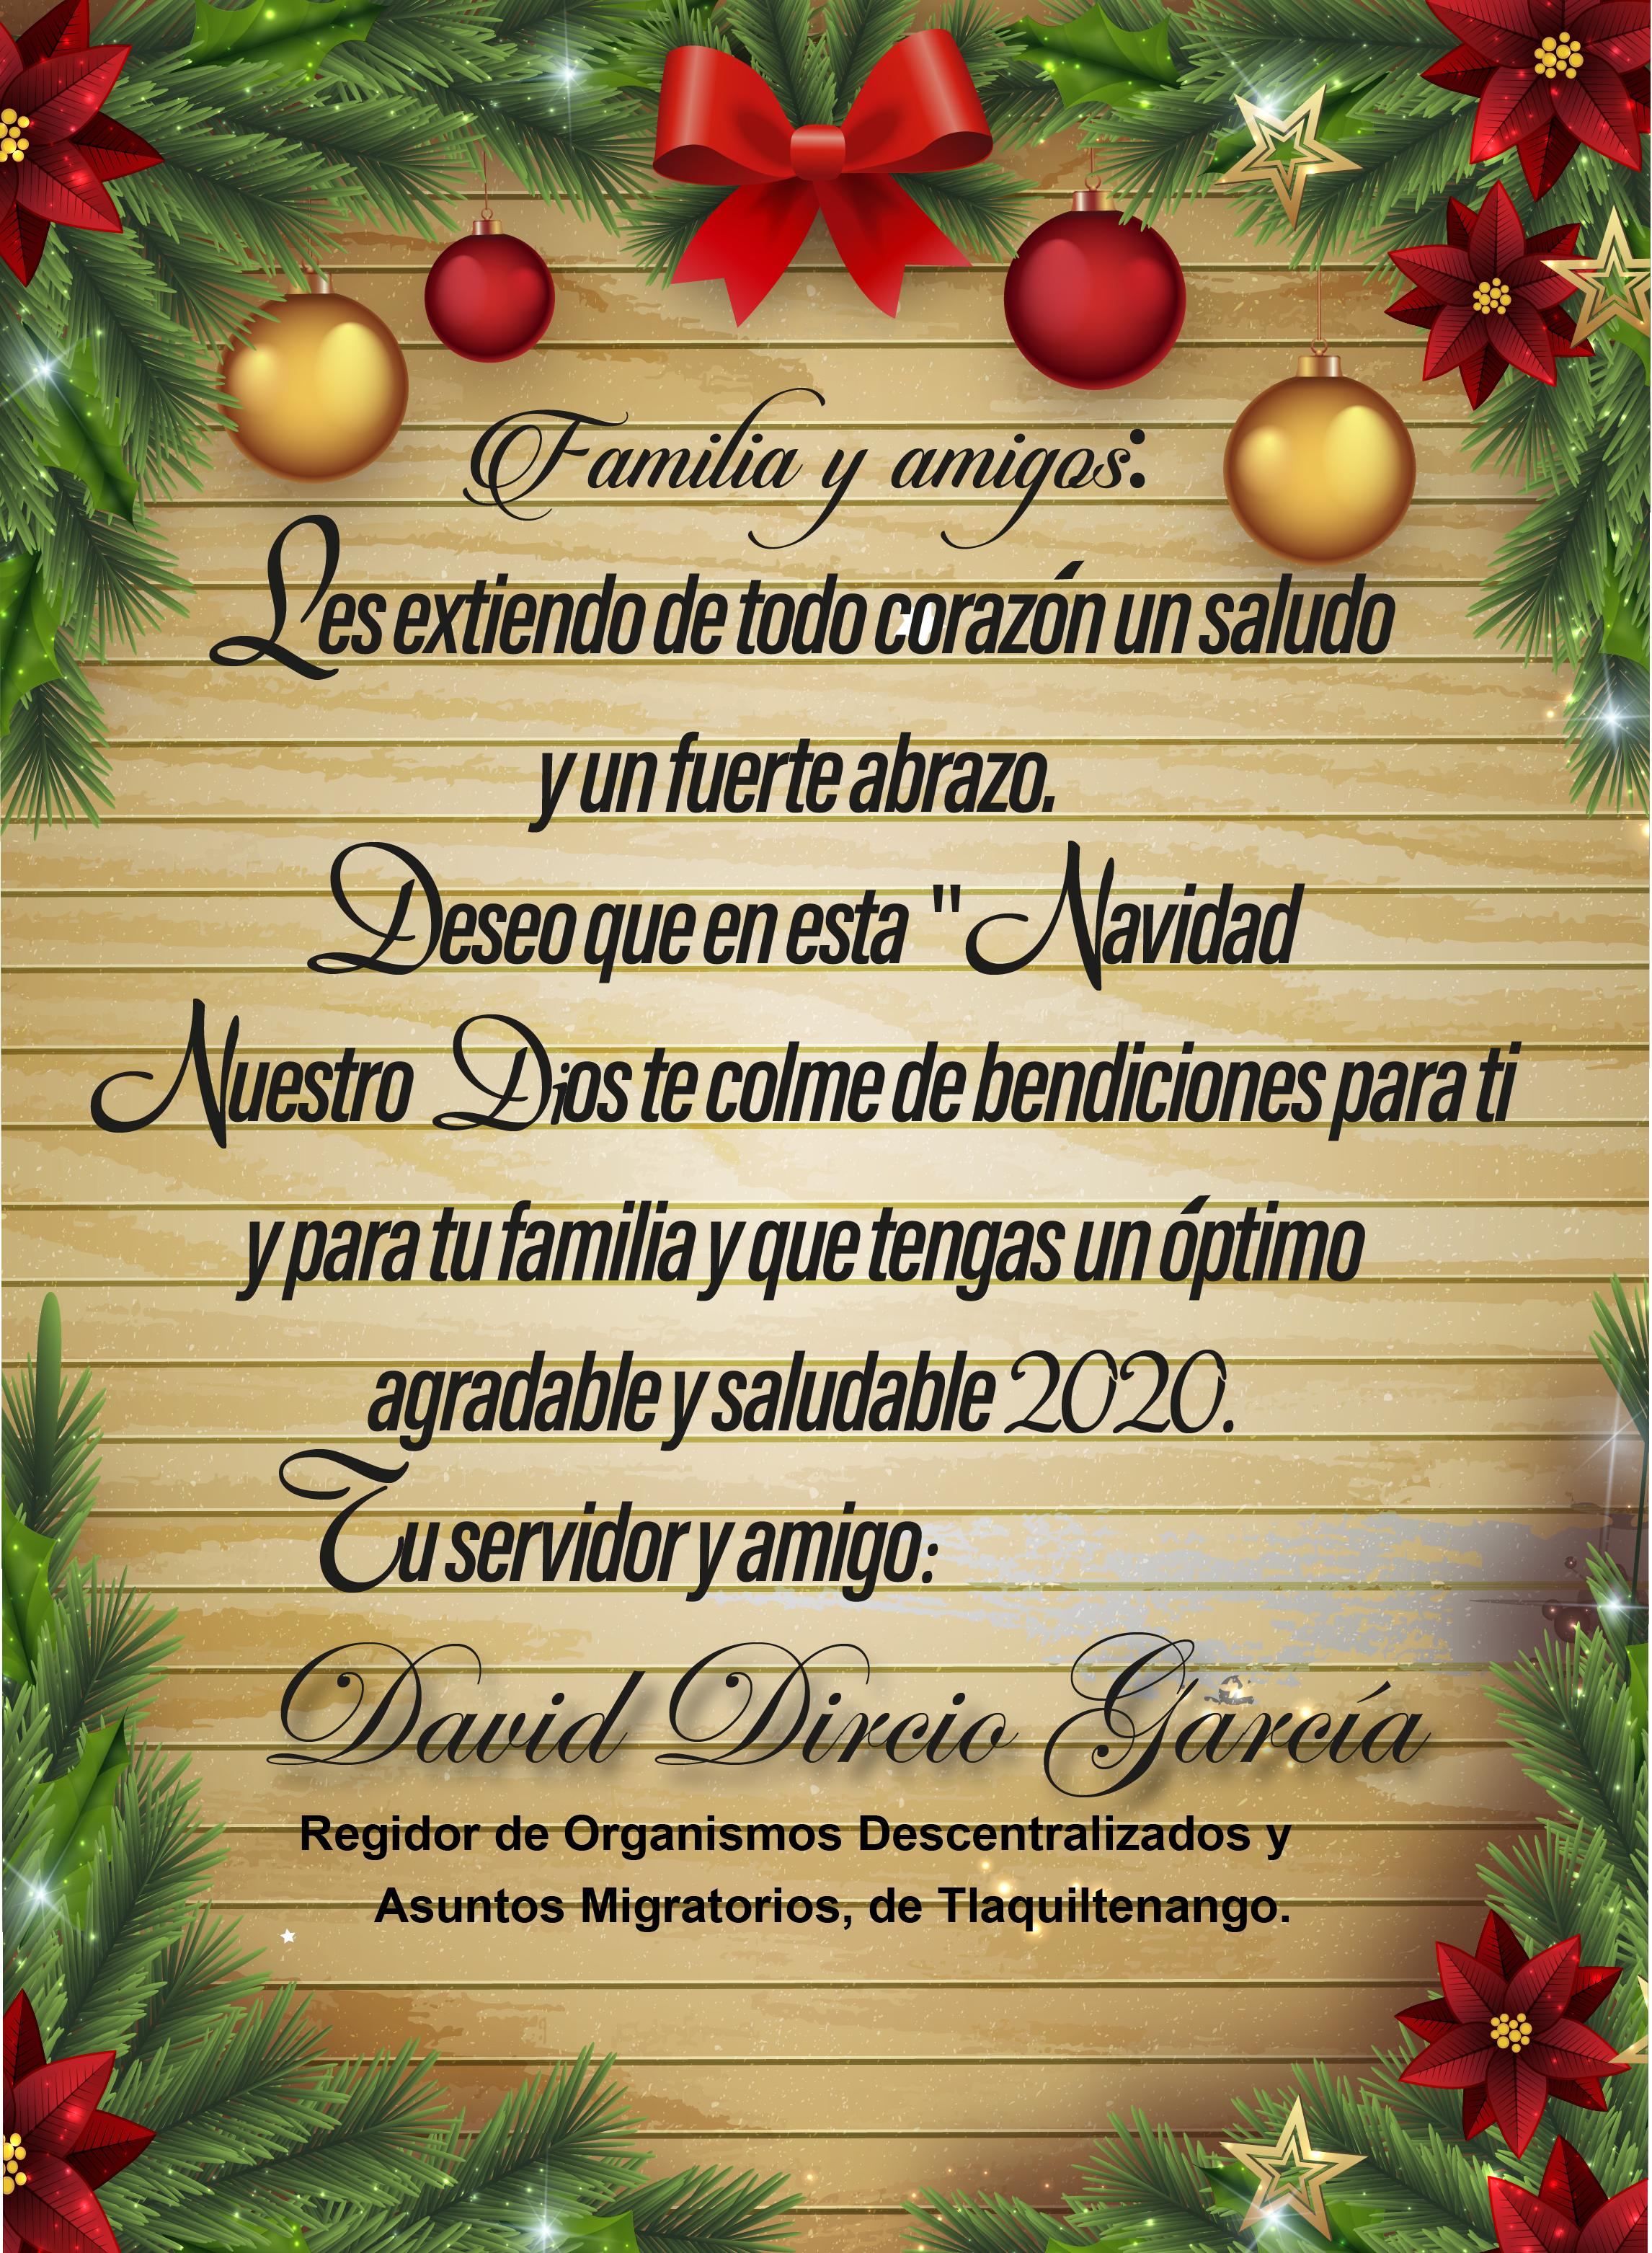 DAvid Dircio Navidad19-01